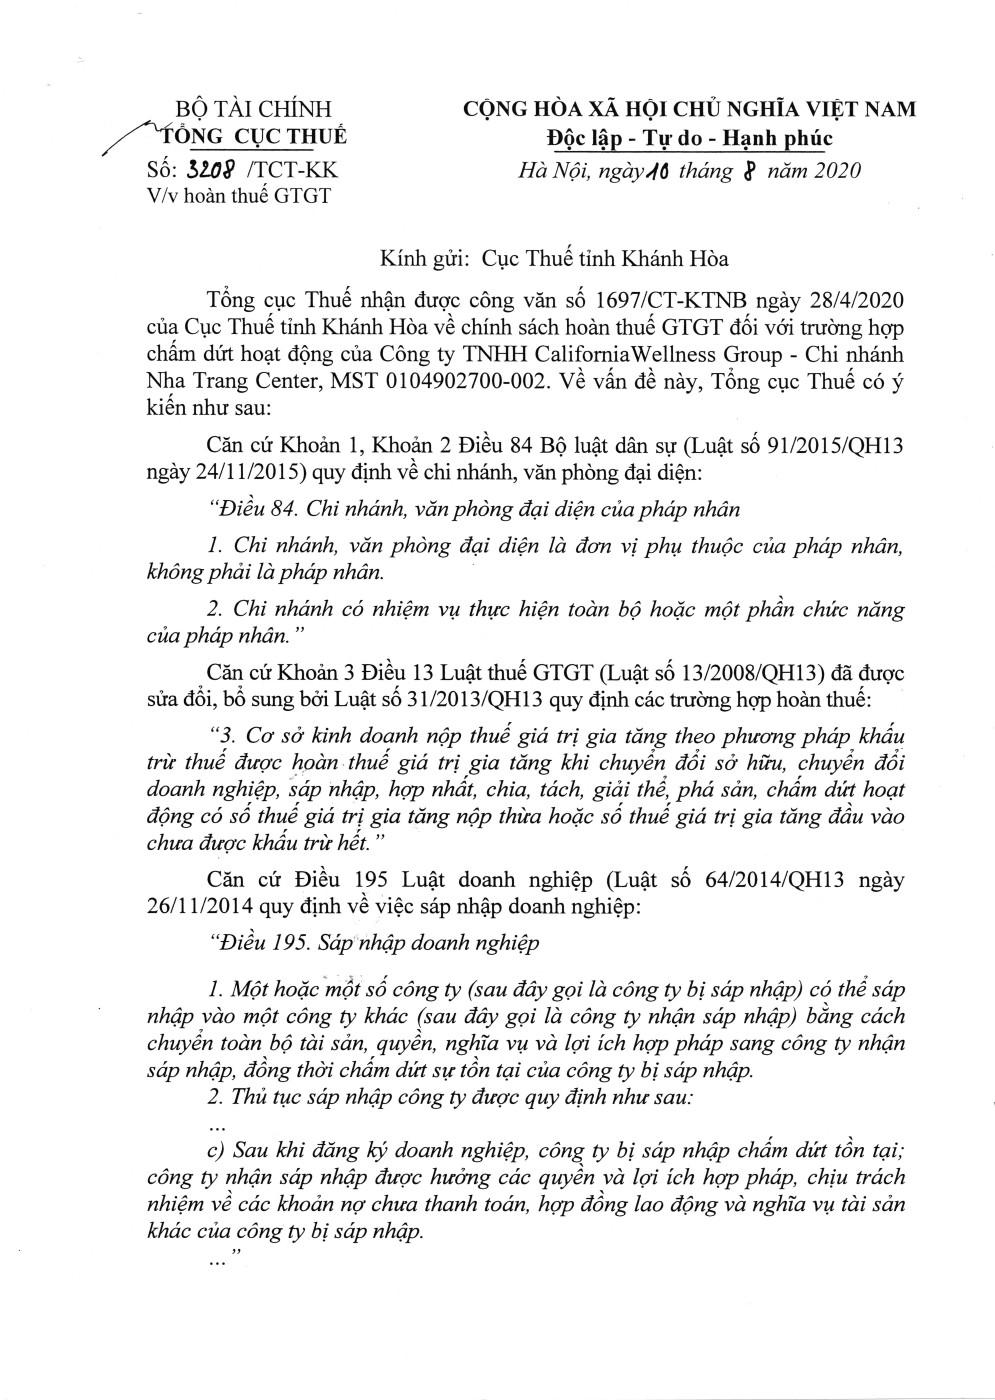 Công văn số 3208/TCT-KK của Tổng cục Thuế ngày 10/08/2020 v/v hoàn thuế GTGT